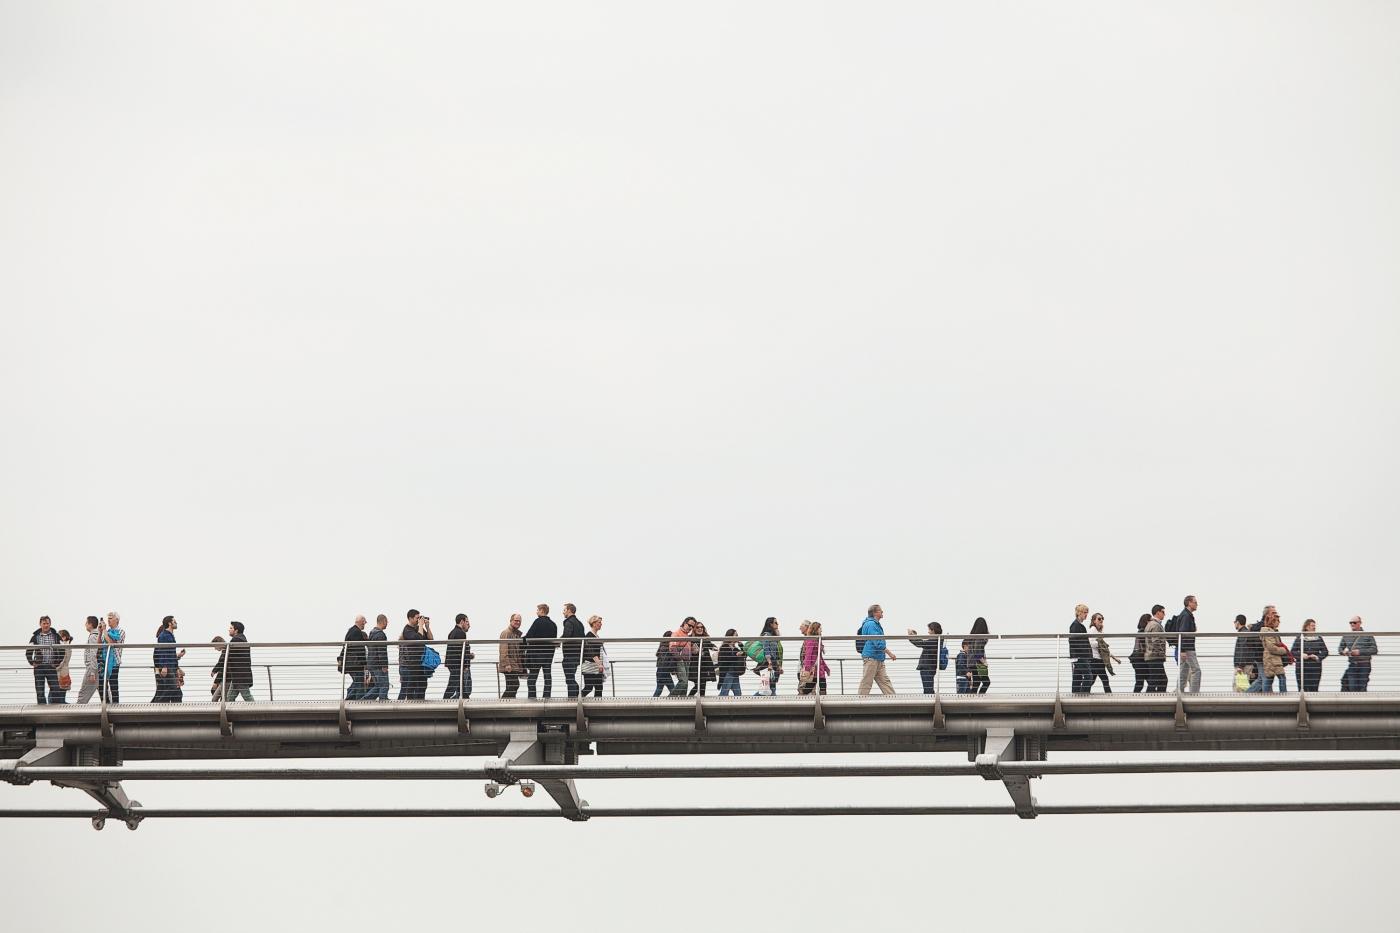 pindrop millenium bridge